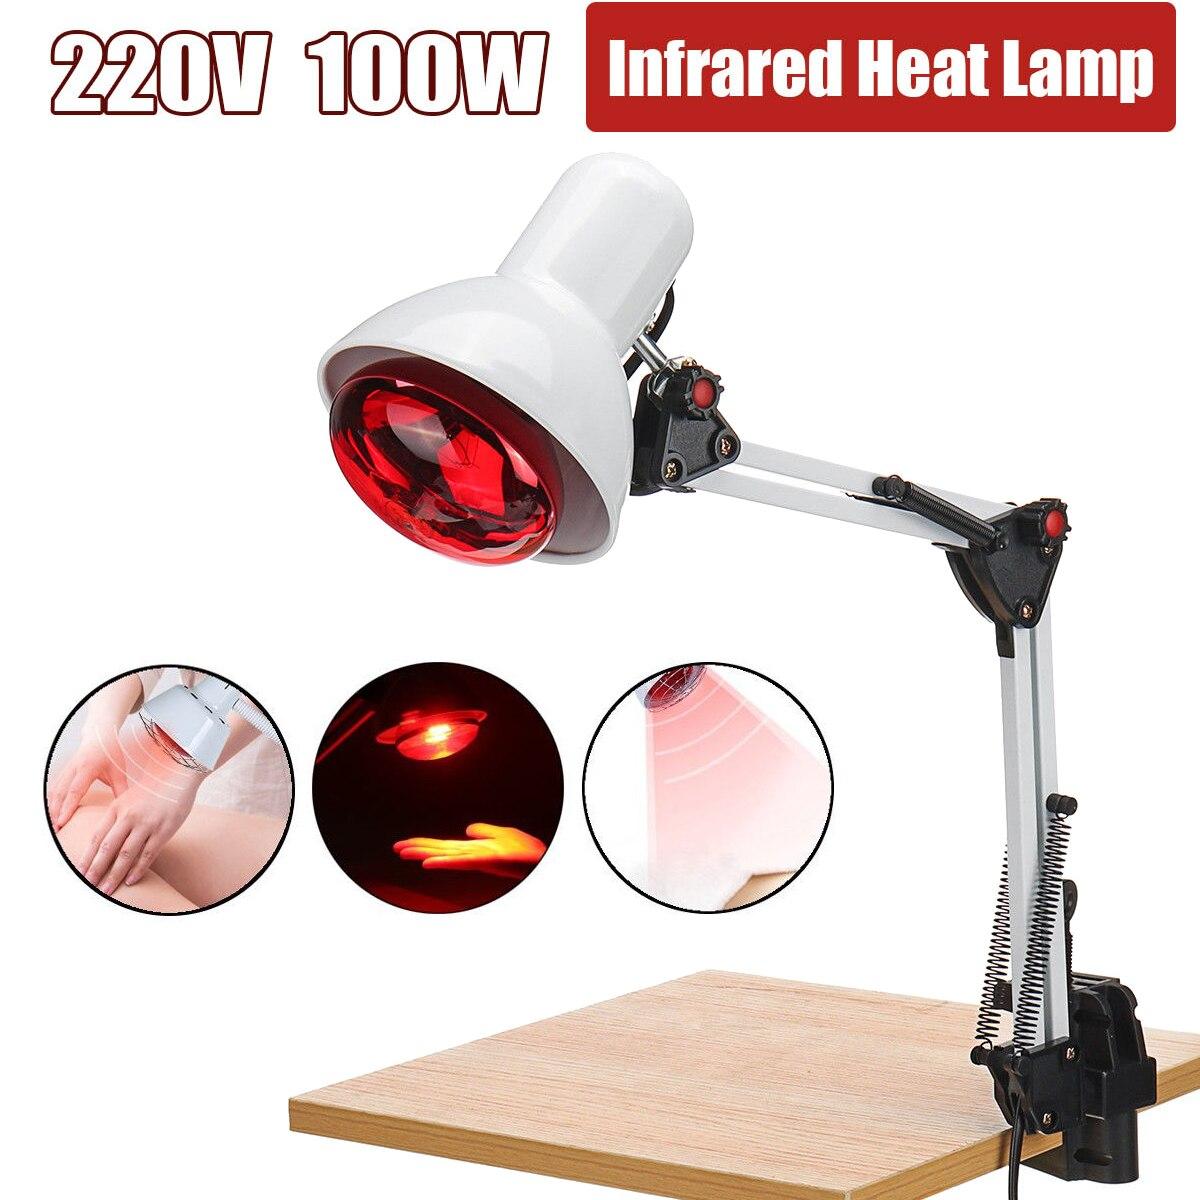 220 v 100 W Infrarot Wärme Lampe Heizung Therapie Licht Therapeutische Schmerzen Relief Gesundheit Birne Physiotherapie Instrument Massage Gesundheit